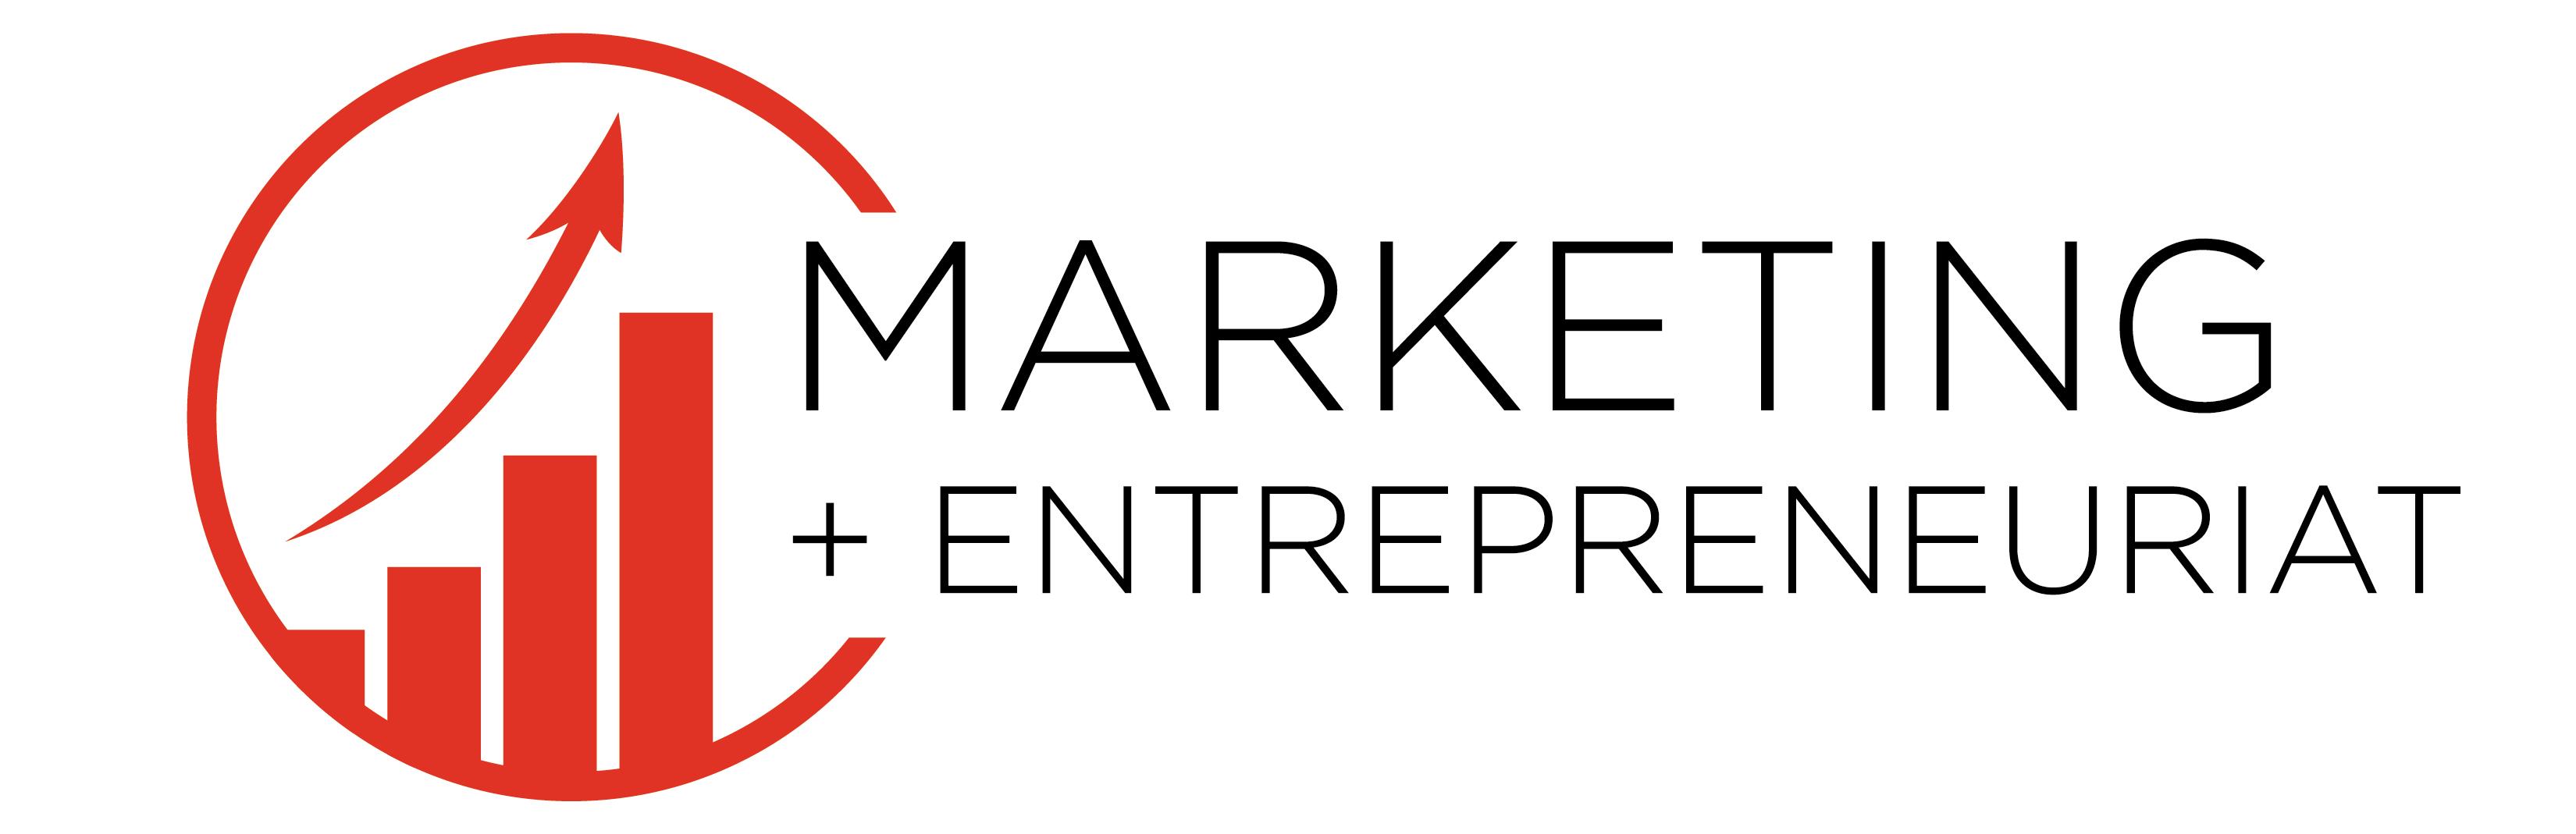 Icone_Marketing2